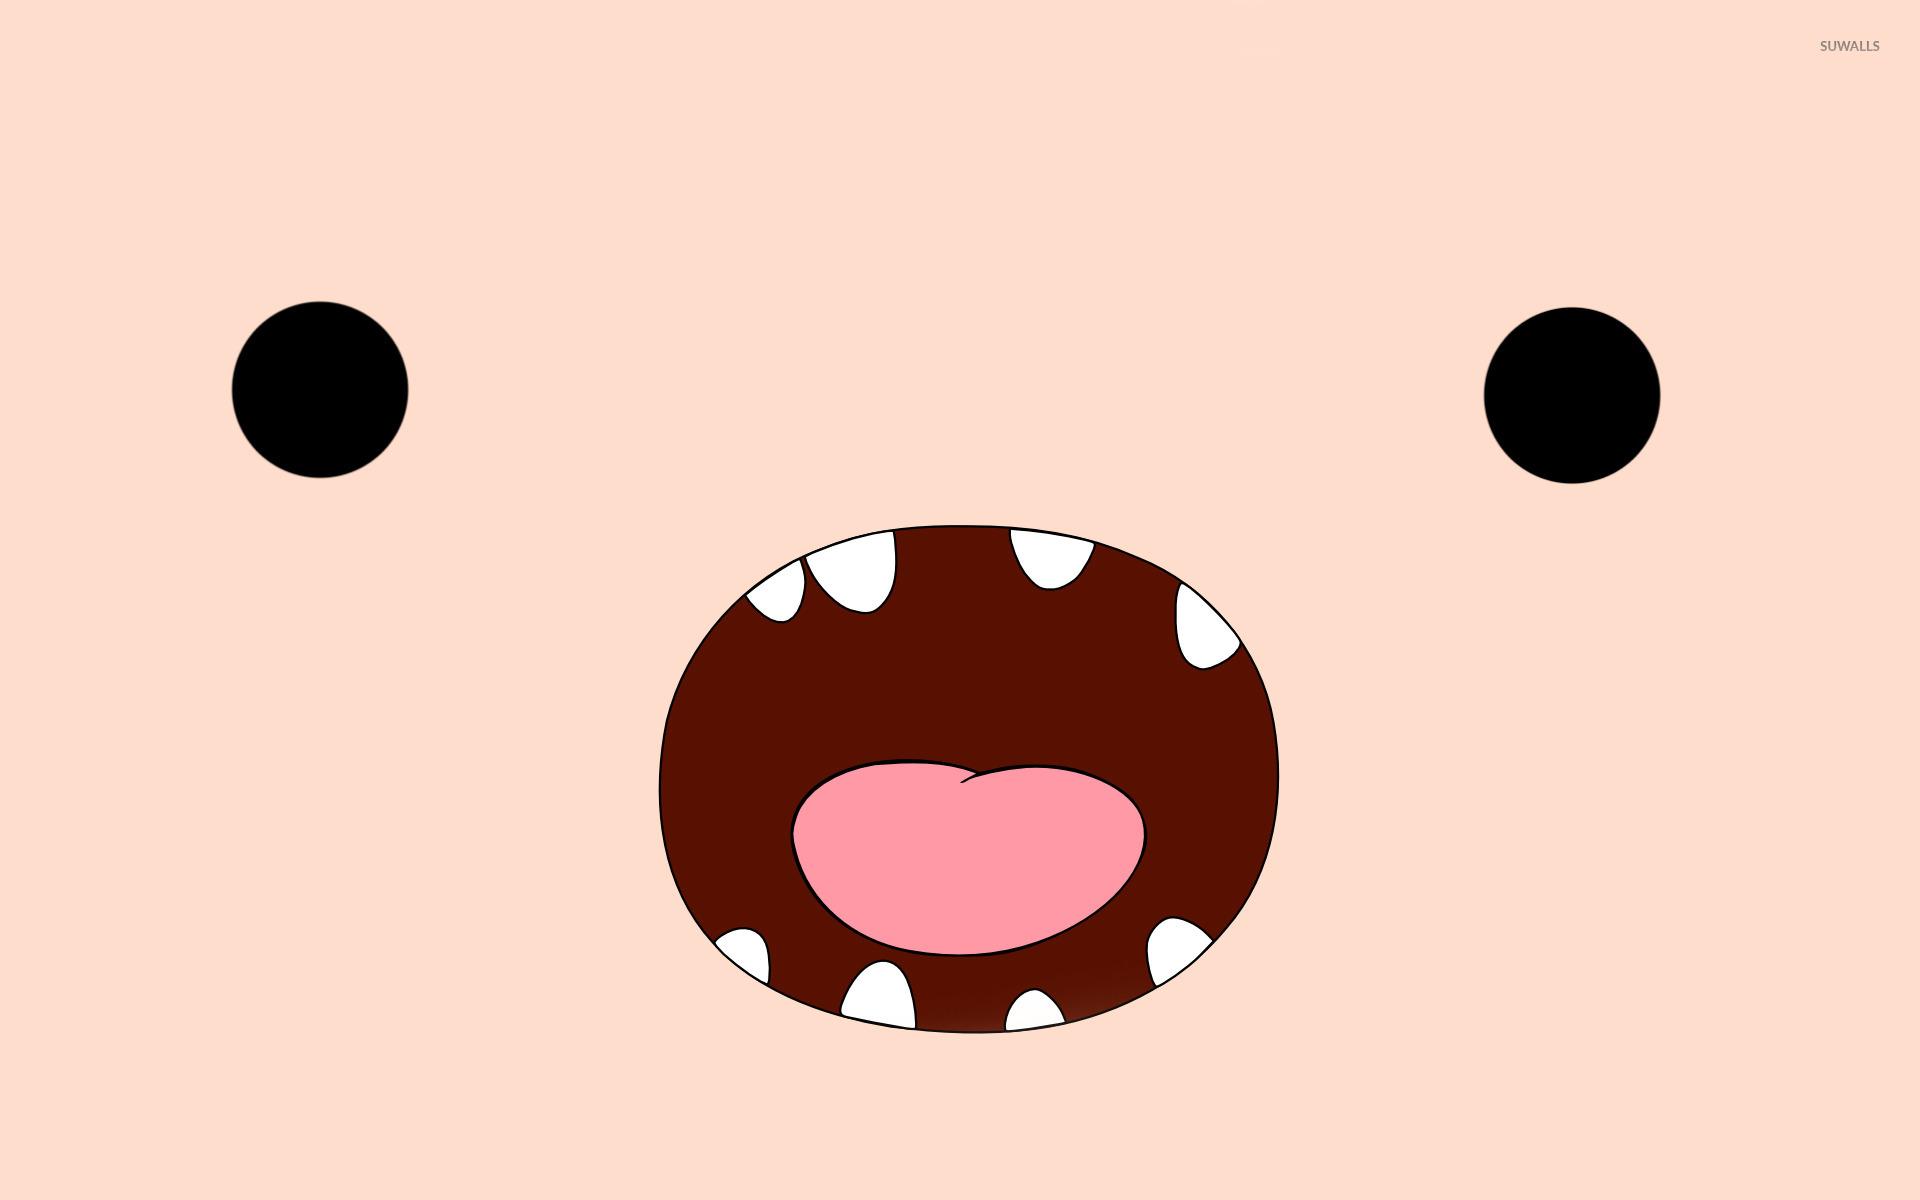 Adventure Time Finn Wallpaper